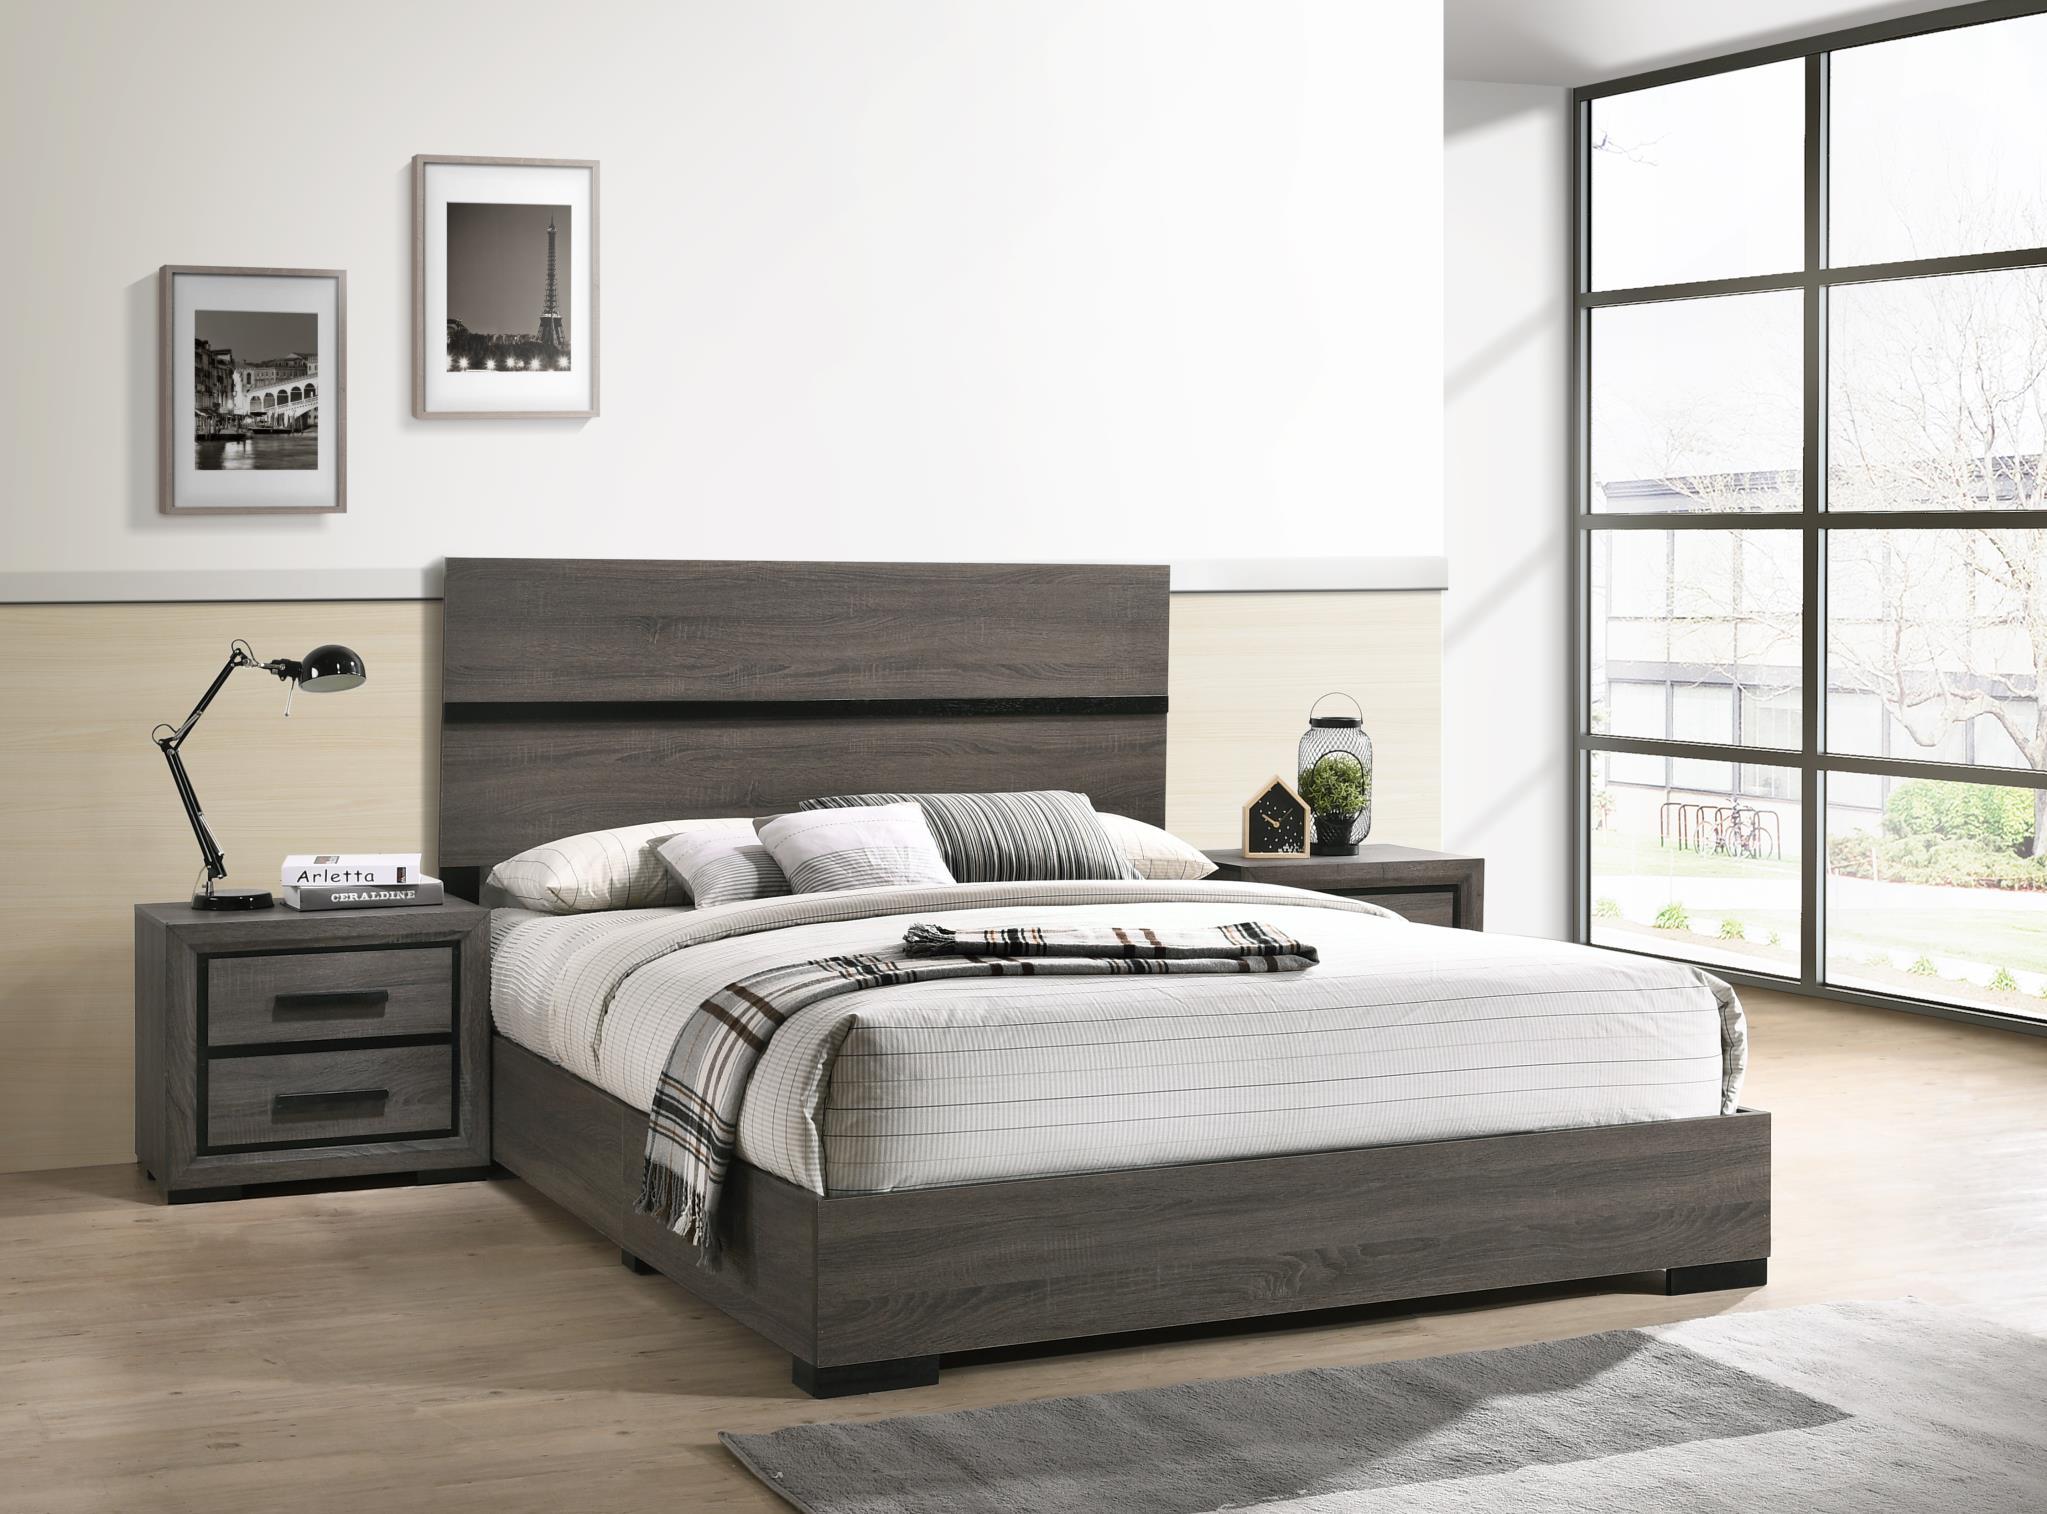 1885 Oakdale Gray Bed in a Box - Full $325